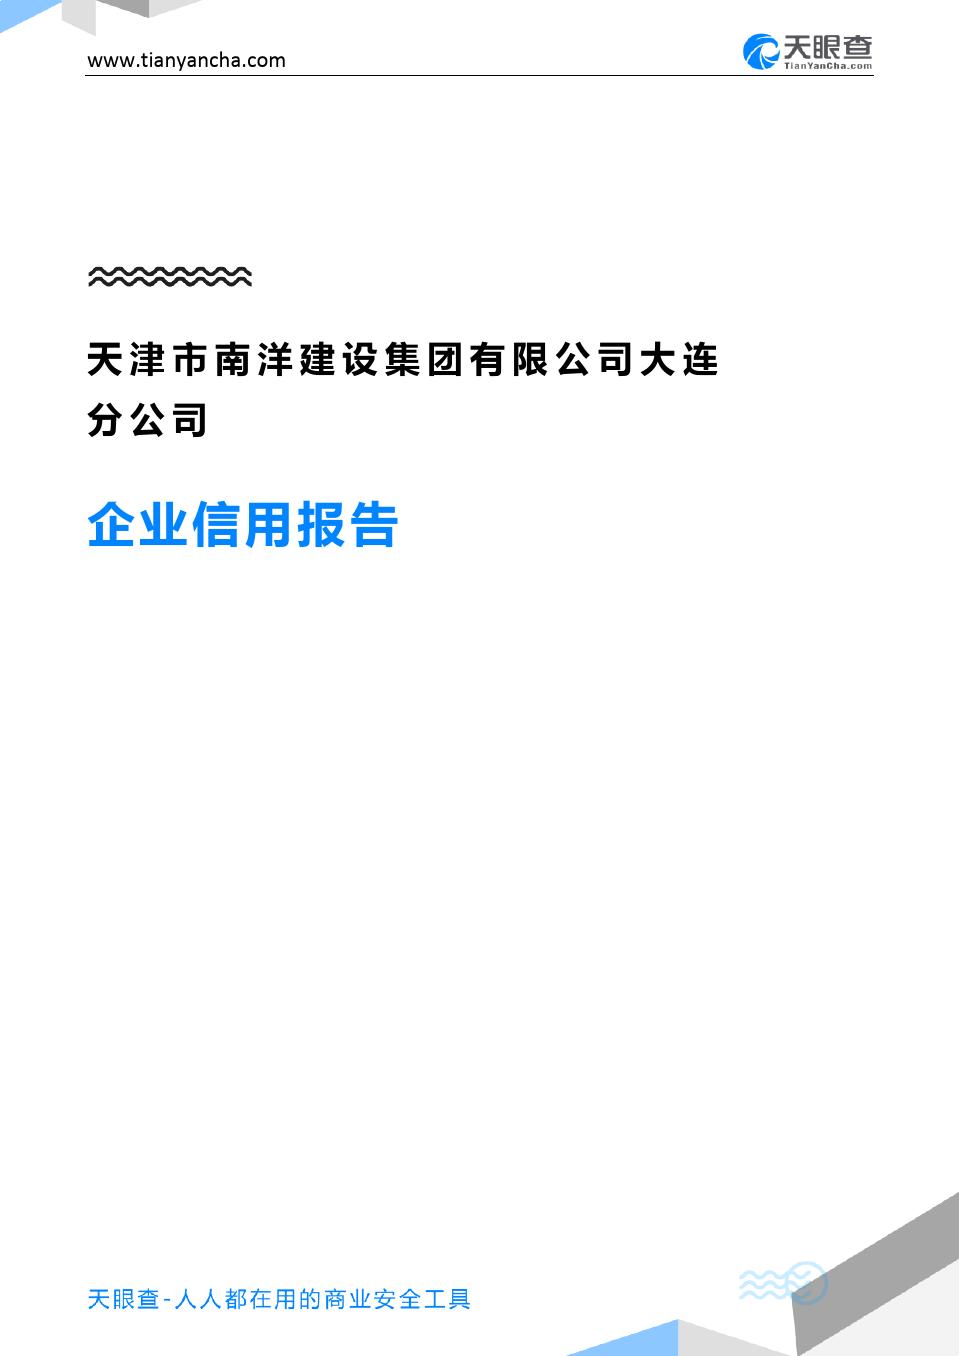 天津市南洋建设集团有限公司大连分公司企业信用报告-天眼查